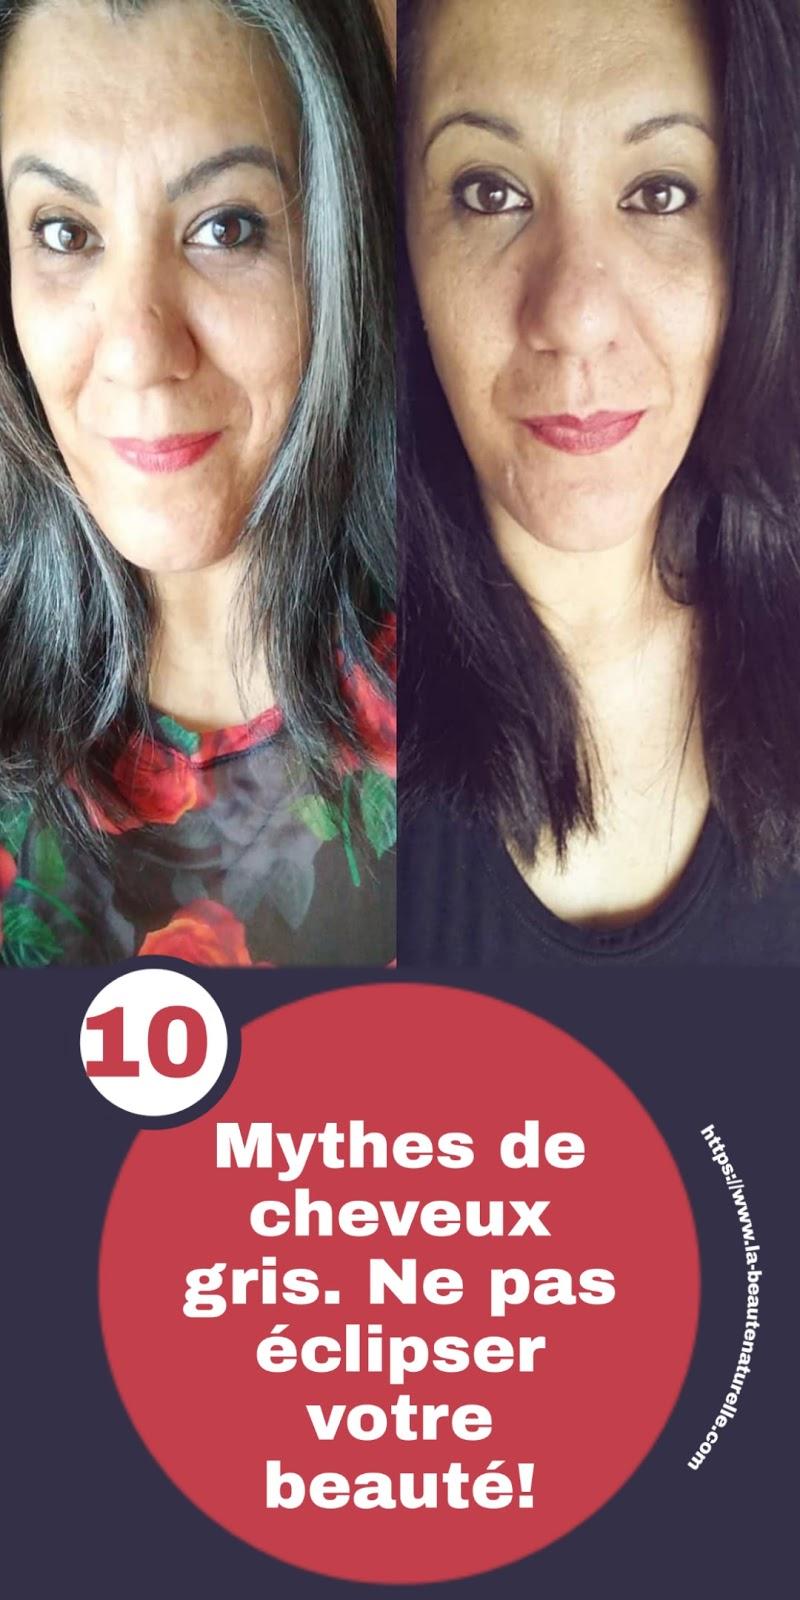 10 Mythes de cheveux gris. Ne pas éclipser votre beauté!